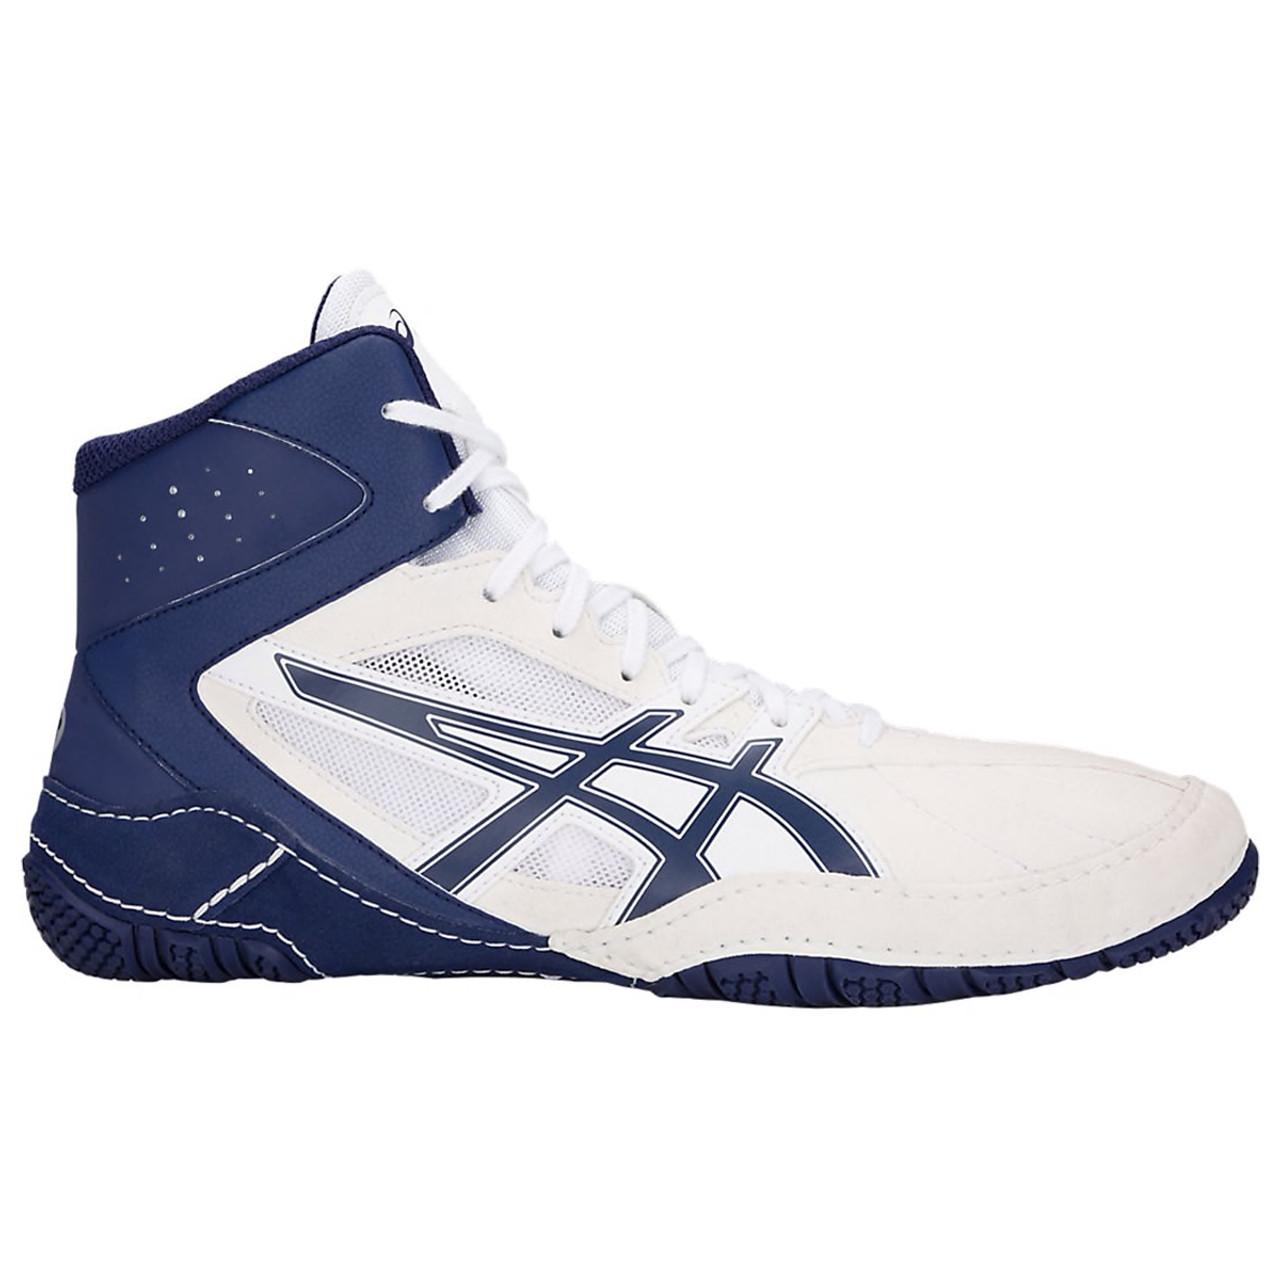 Asics Mat Control Adult Wrestling Shoes